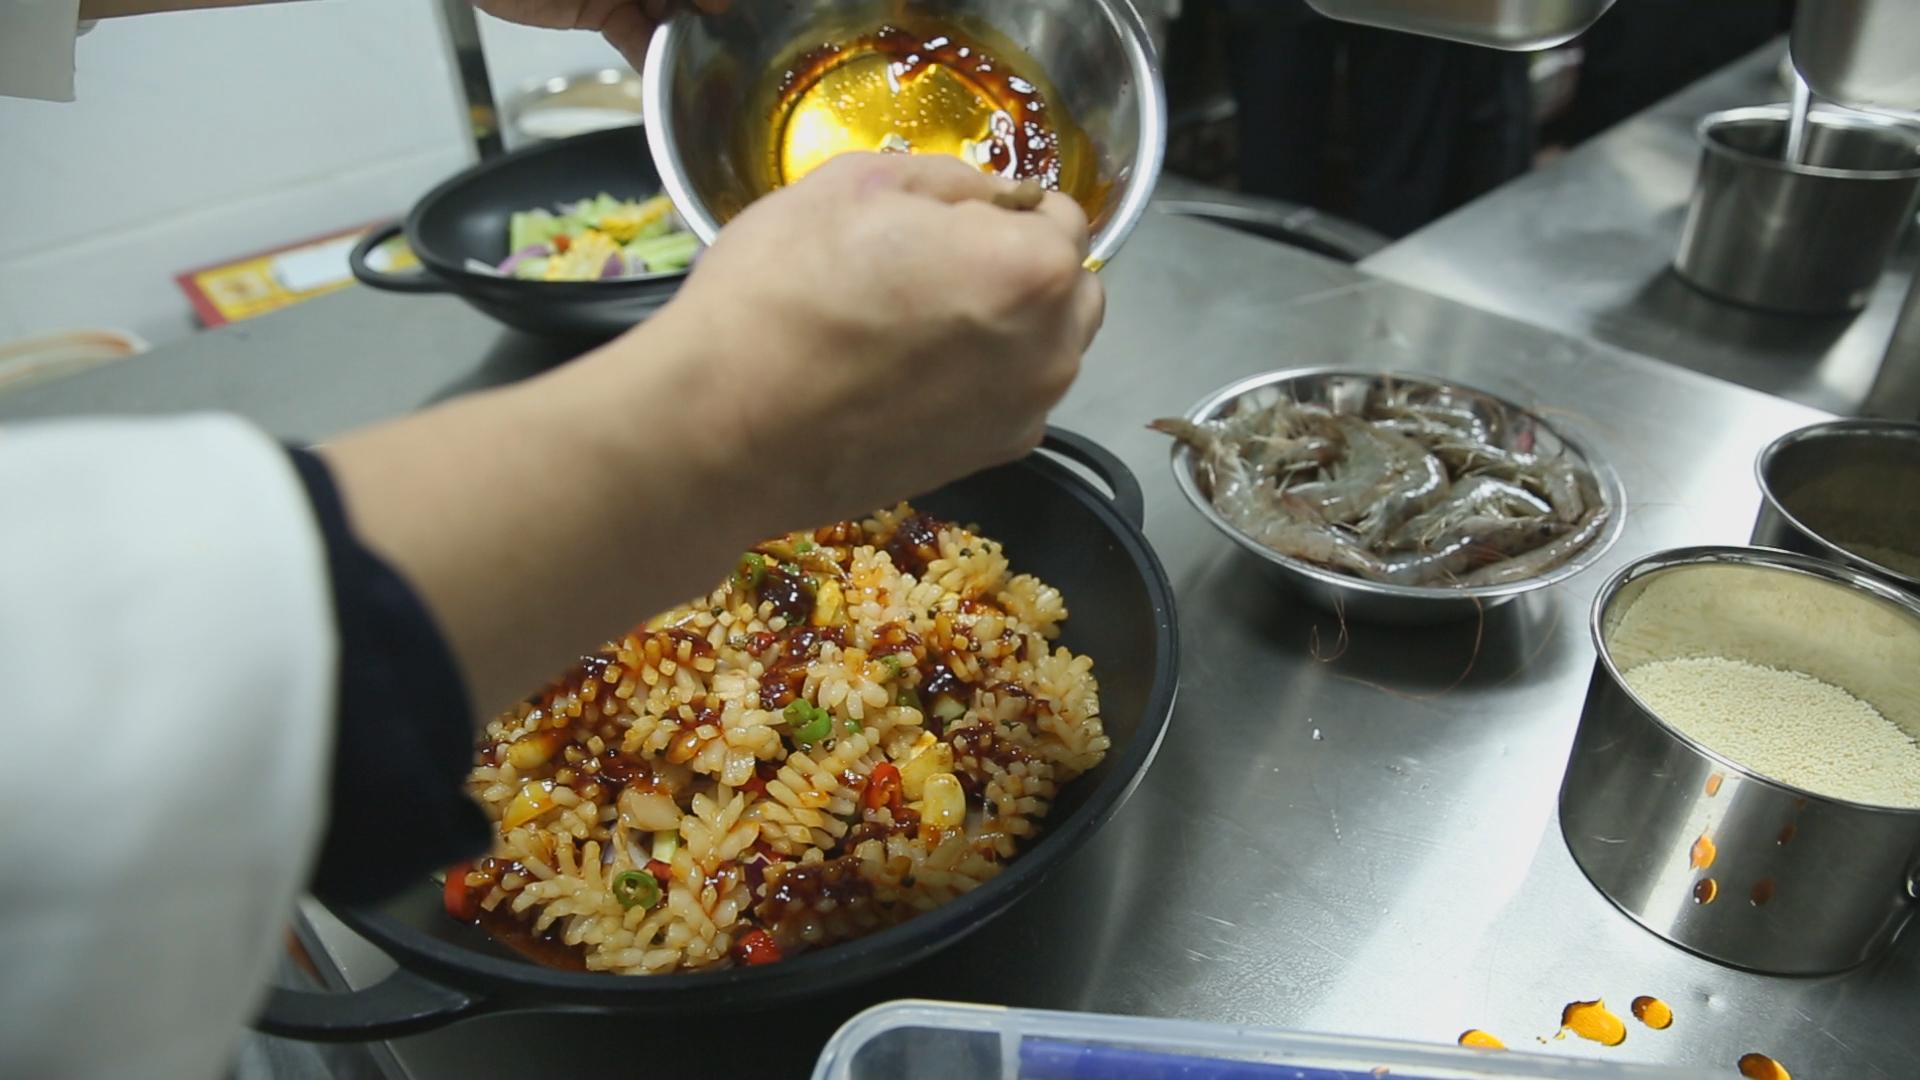 铁锅门香辣虾加盟多少钱 开店需要注意哪些问题